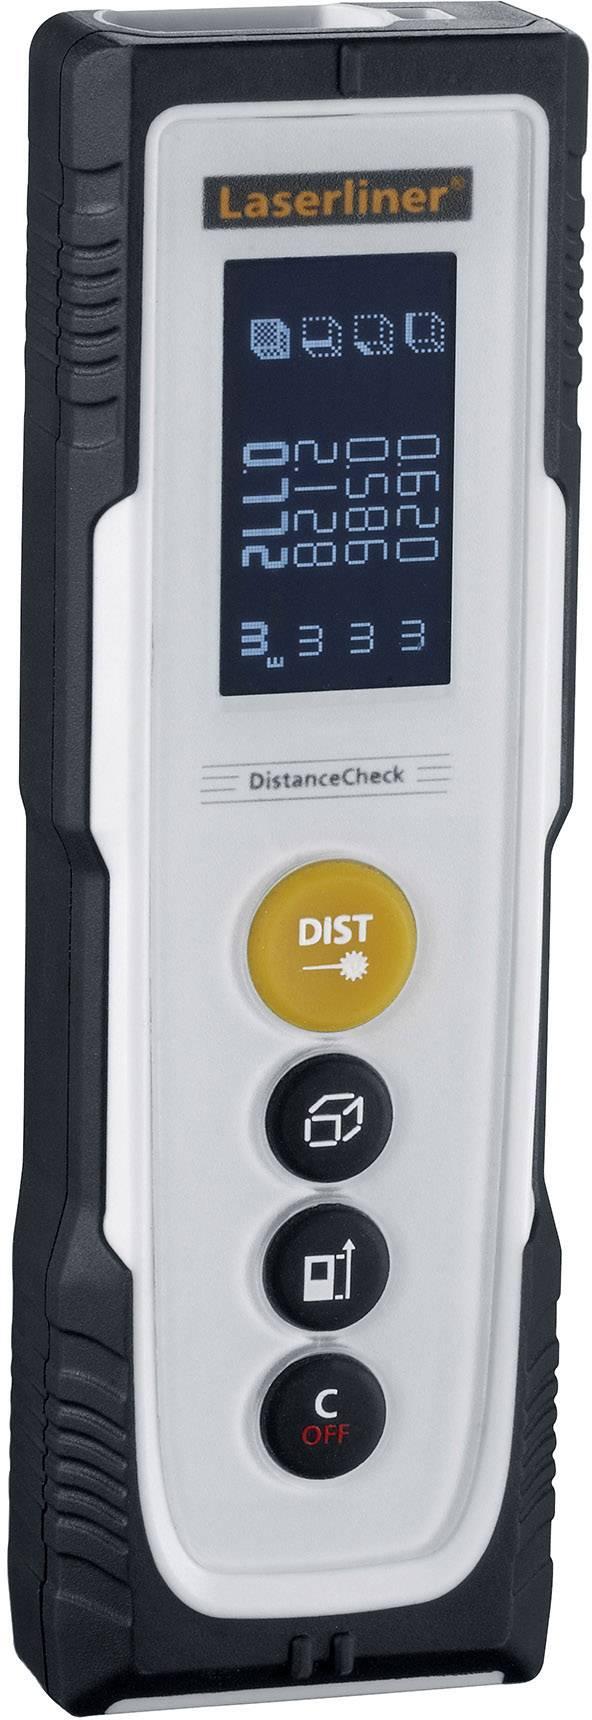 Laserový měřič vzdálenosti Laserliner DistanceCheck 080.810A, rozsah měření 20 m